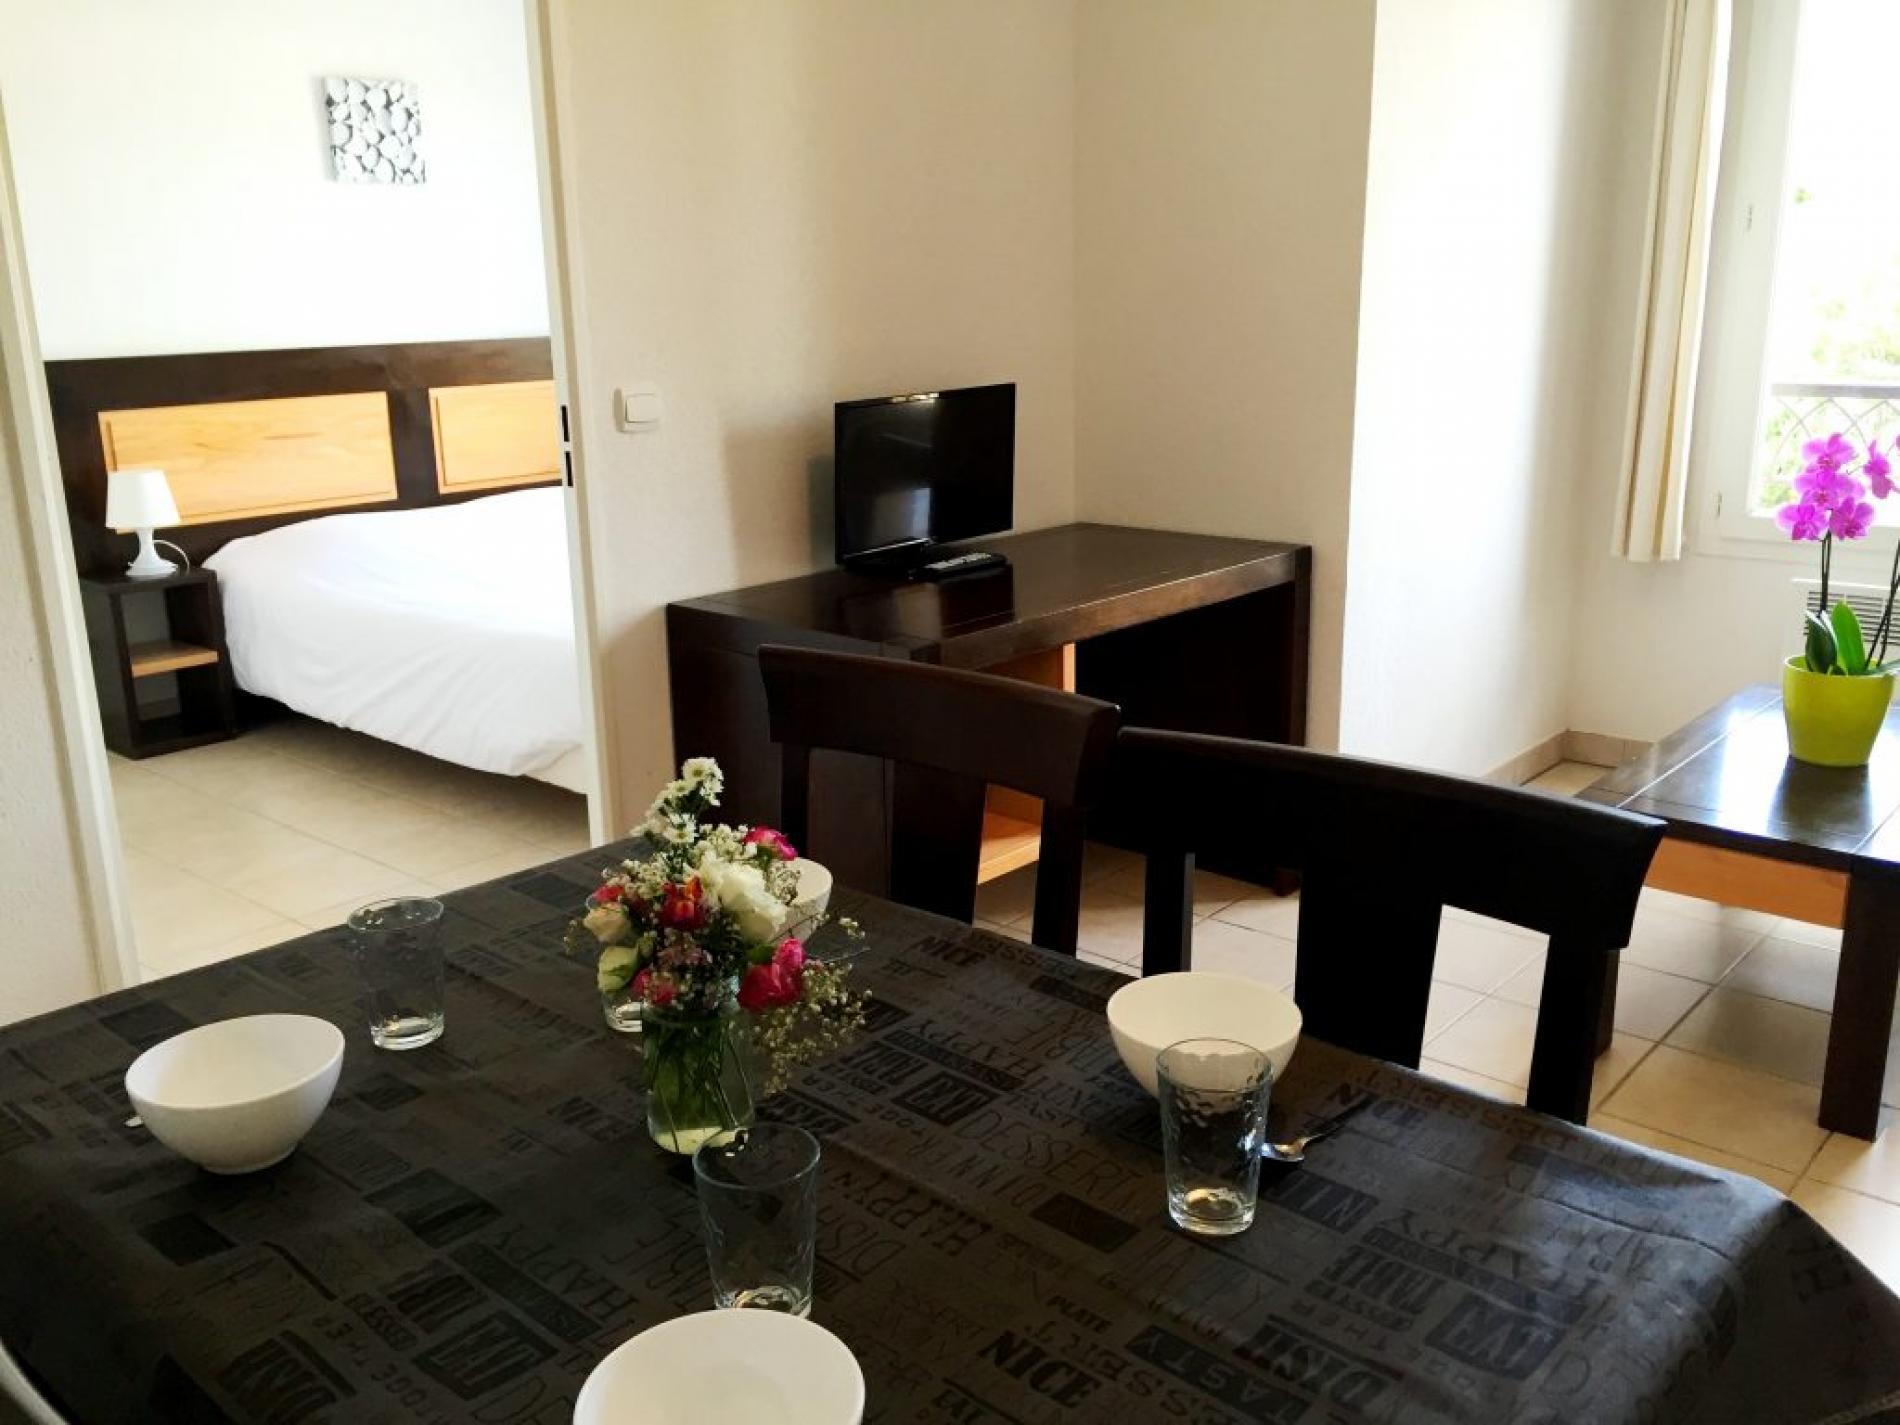 Hôtel & Appart'Hotel à St Paul Lez Durance